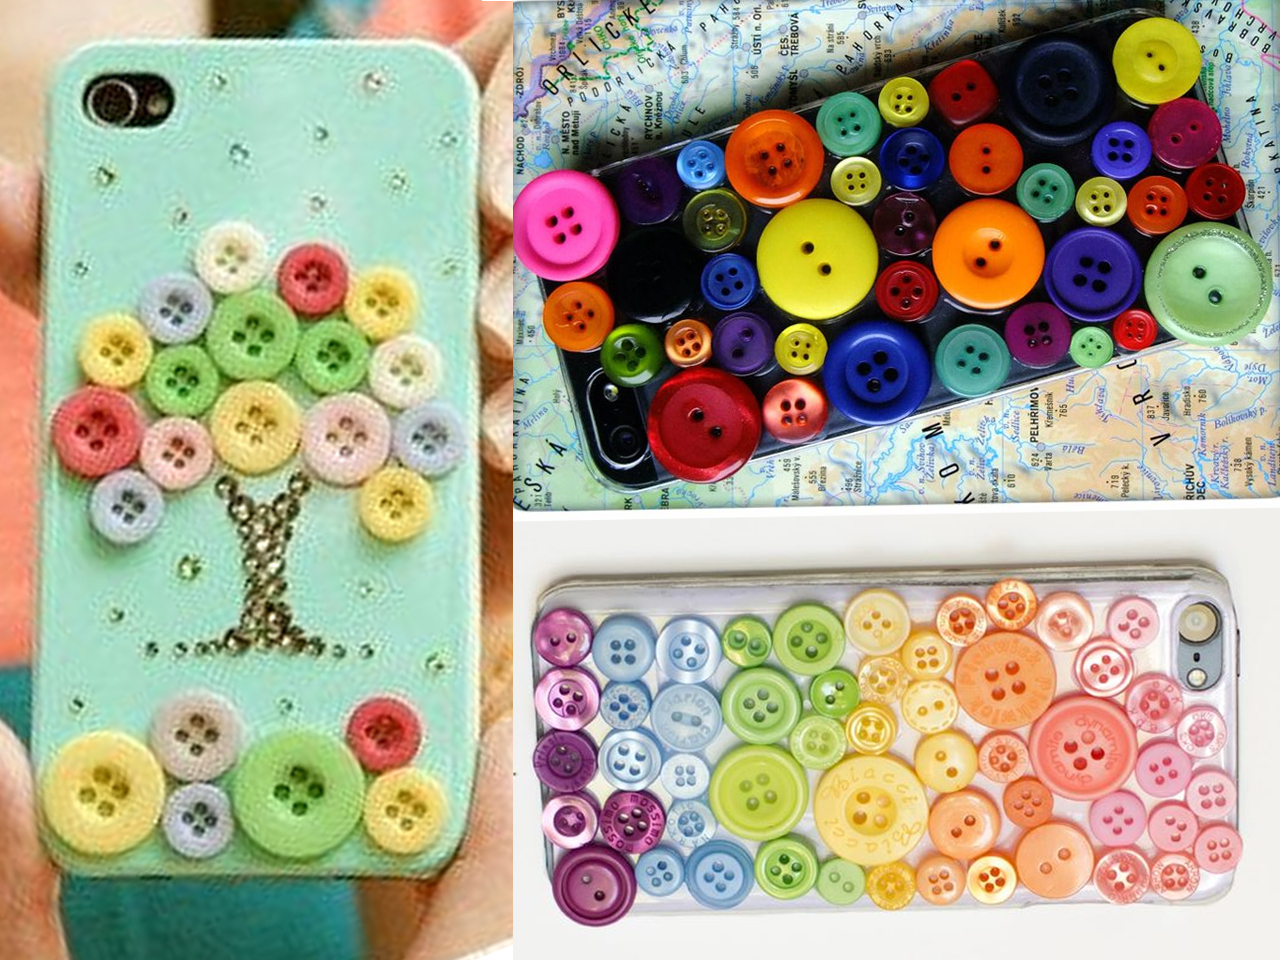 Más De 150 Manualidades Con Botones De Colores